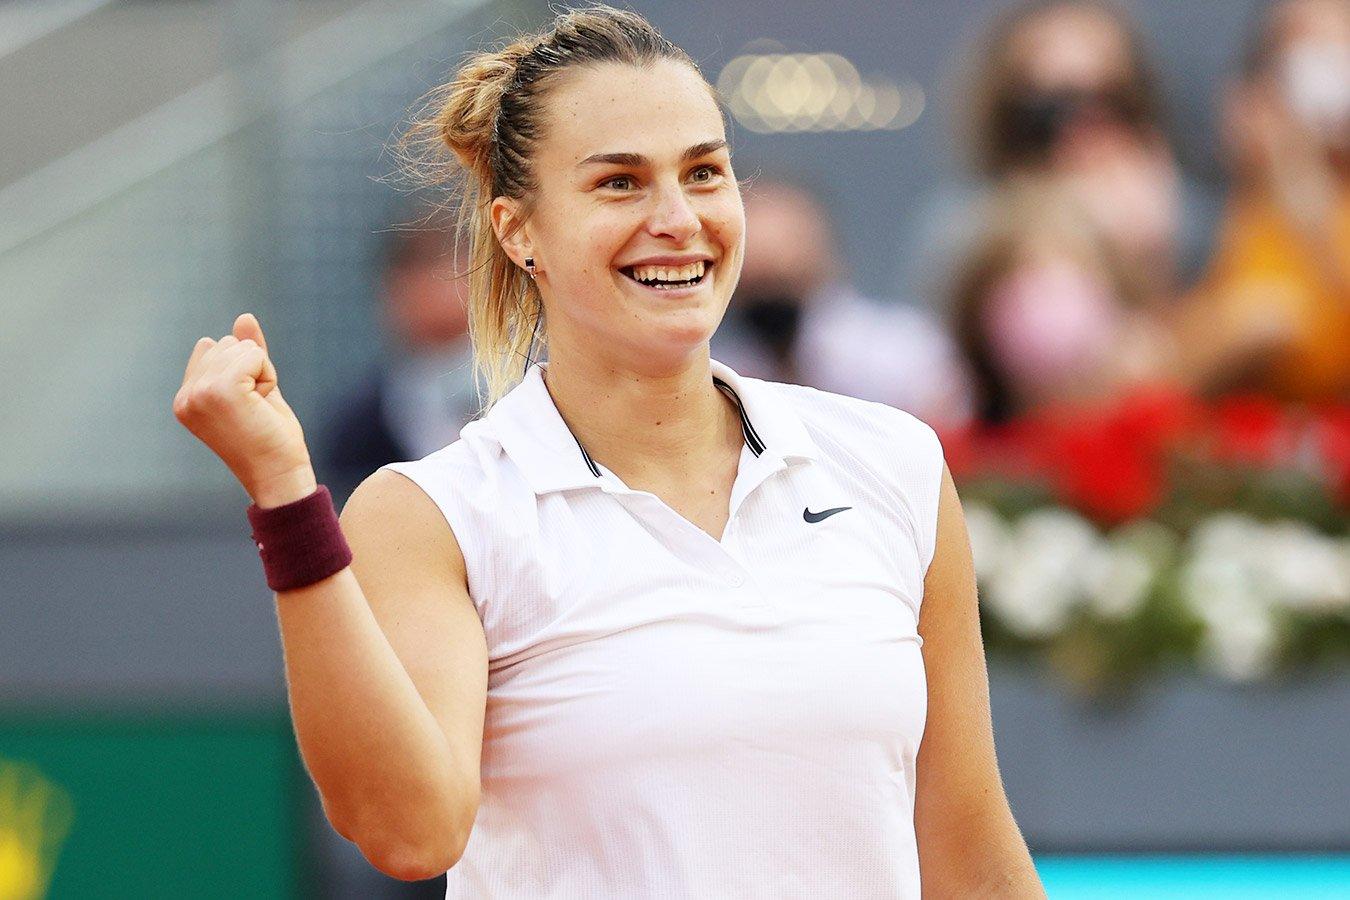 Арина Соболенко взяла 10-й титул WTA, обыграв Эшли Барти в финале турнира в Мадриде